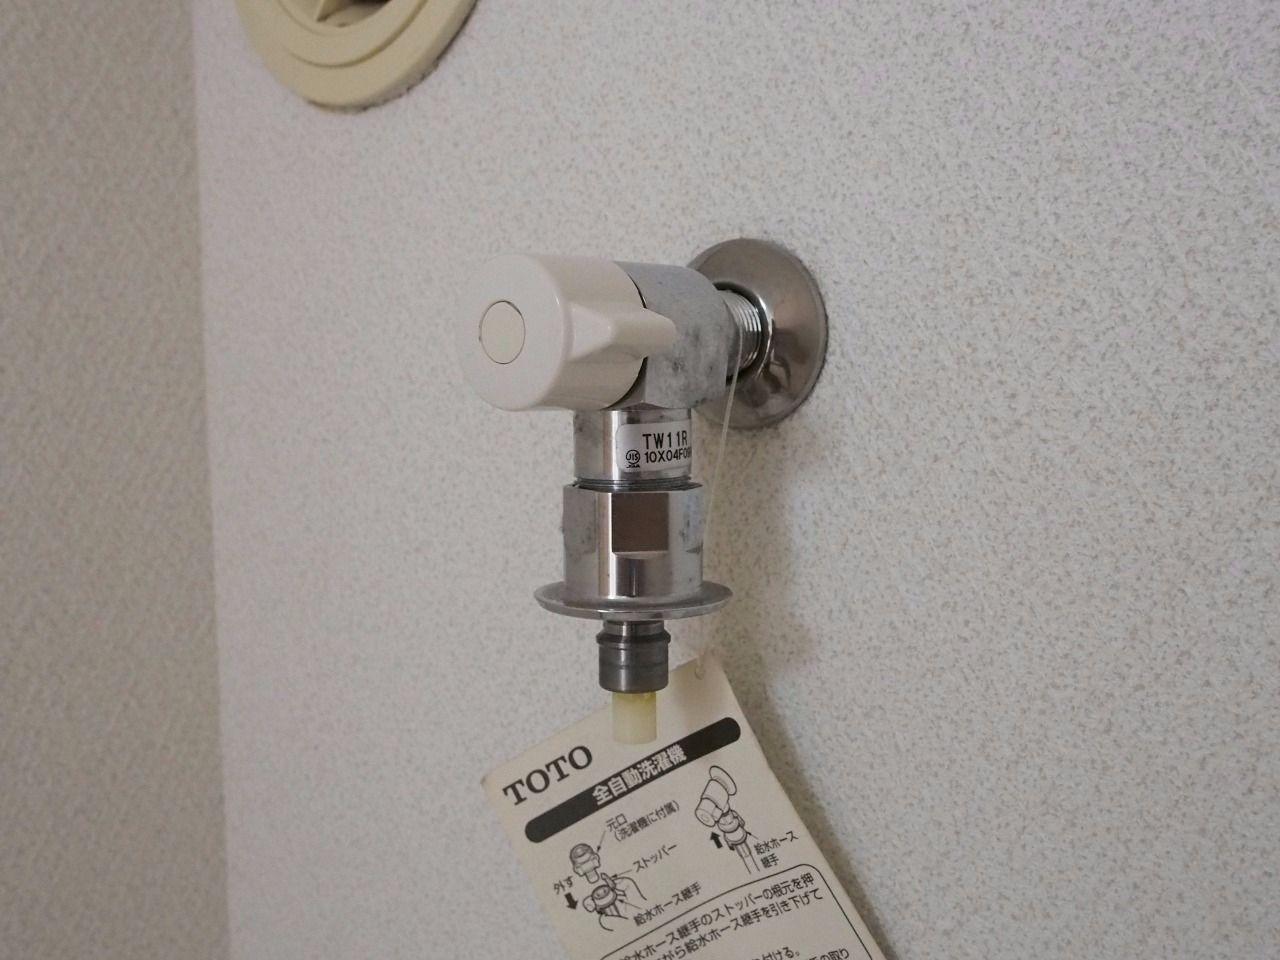 洗濯ホースの取付が簡単なワンタッチ式水栓